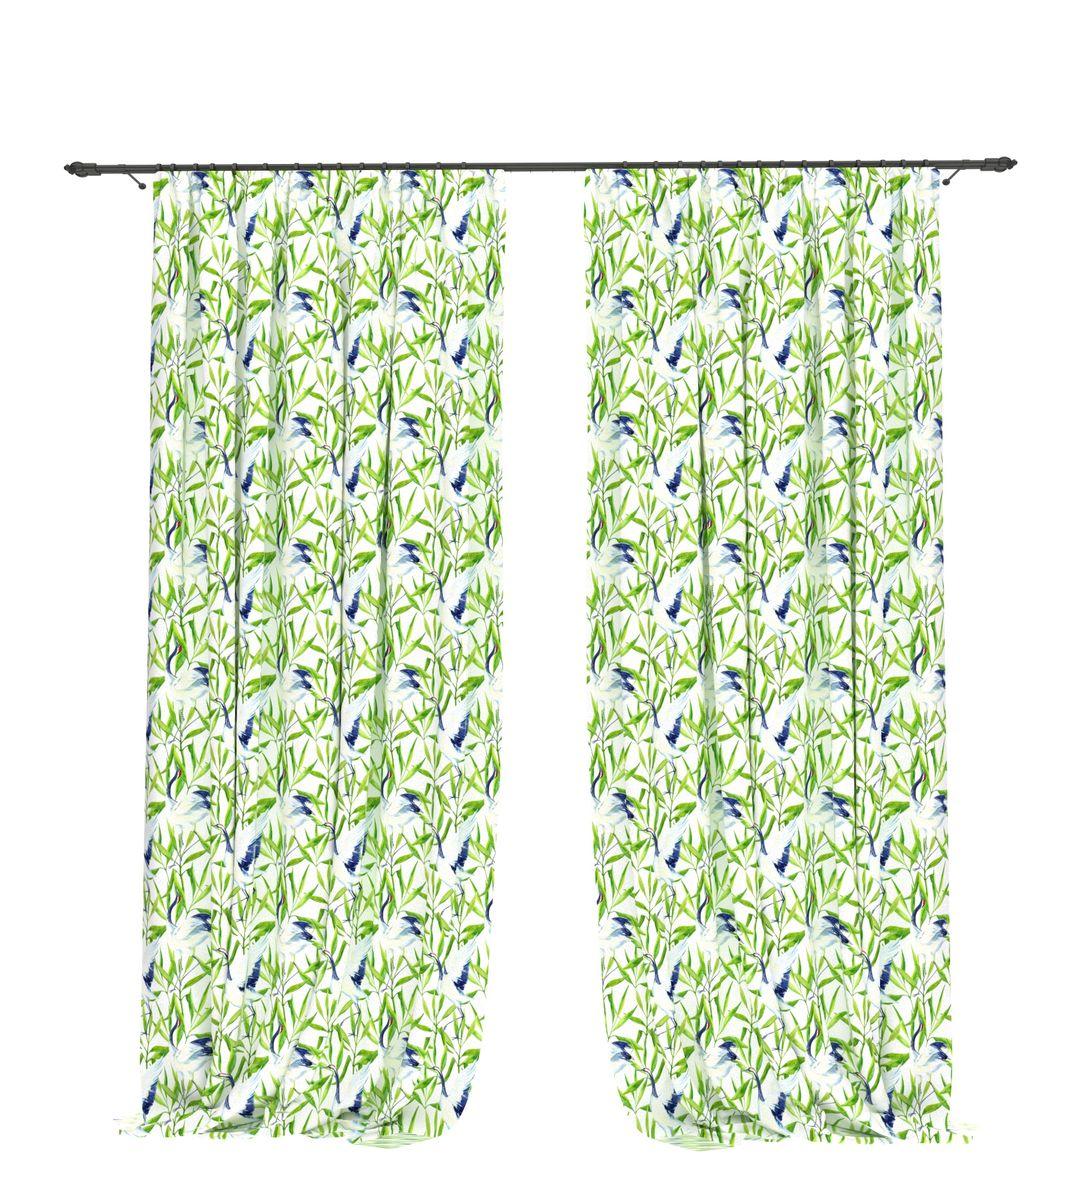 Комплект фотоштор Bellino Home Имо, высота 260 см. 05674-ФШ-ГБ-00105674-ФШ-ГБ-001Комплект фотоштор BELLINO HOME. Коллекция Китай является стилевым направлением,получившим свое развитие как ветвь стиля рококо. Шинуазри- один из видов ориентализма. Этот стиль начал набирать популярность в начале ХХ века, когда возник спрос на ар-деко. Стиль шинуазри органично впишется в любой интерьер, так как он представляет собой не оригинальный китайский стиль, а скоре европейское представление о Китае. Тема вариации, свобода от условностей, Ваш экспромт от BELLINO HOME. Крепление на карниз при помощи шторной ленты на крючки. В комплекте: Портьера: 2 шт. Размер (ШхВ): 145 см х 260 см. Рекомендации по уходу: стирка при 30 градусах гладить при температуре до 150 градусов Изображение на мониторе может немного отличаться от реального.